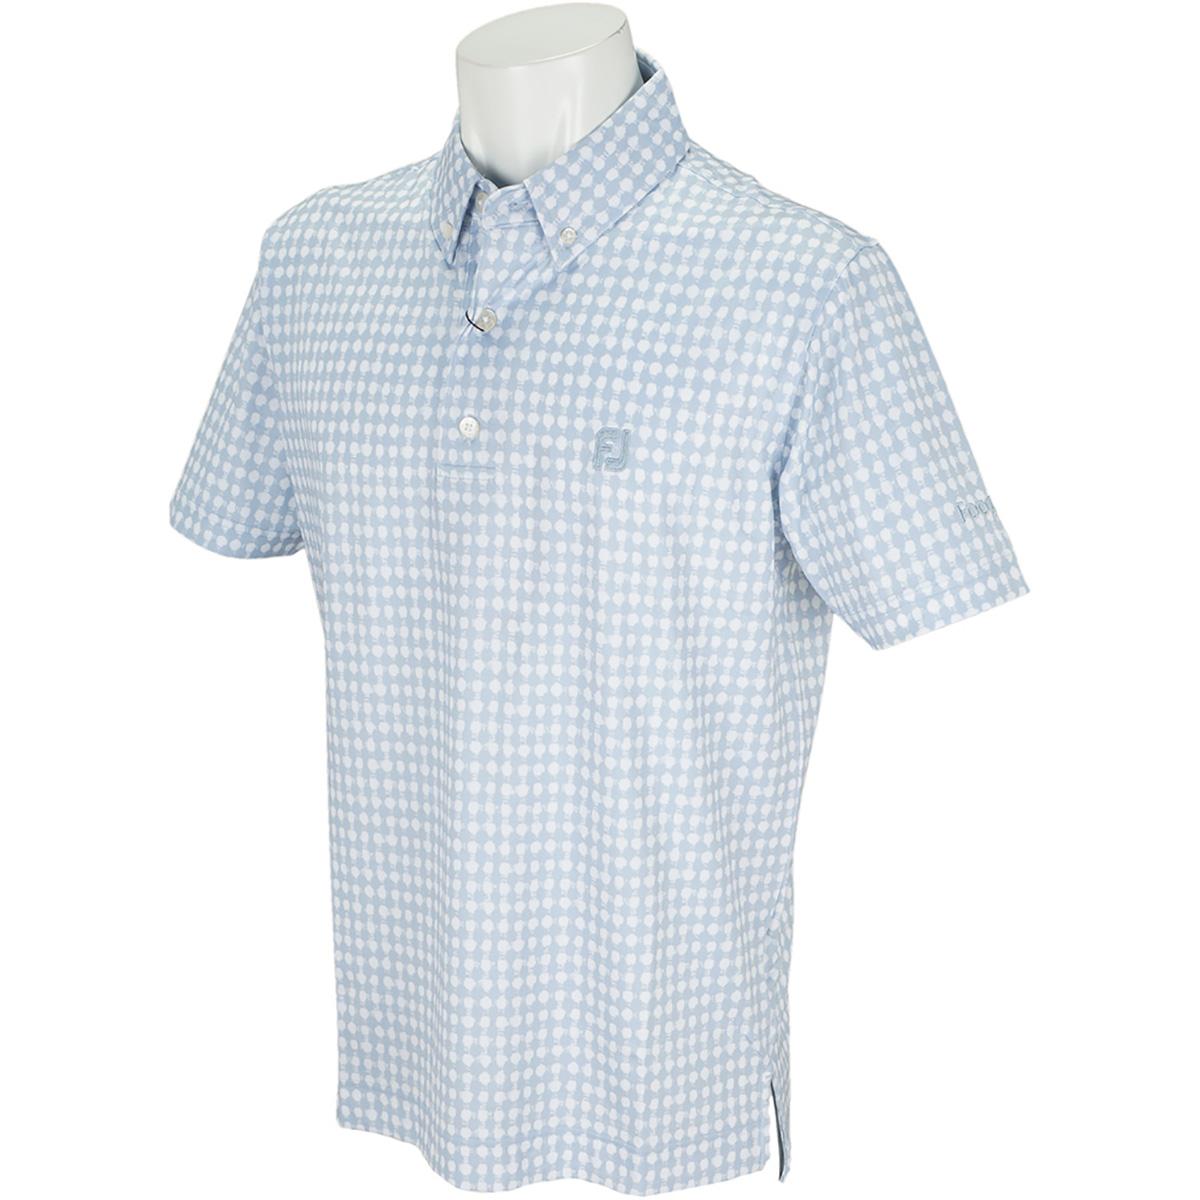 フレイドギンガムプリント ライル半袖ポロシャツ